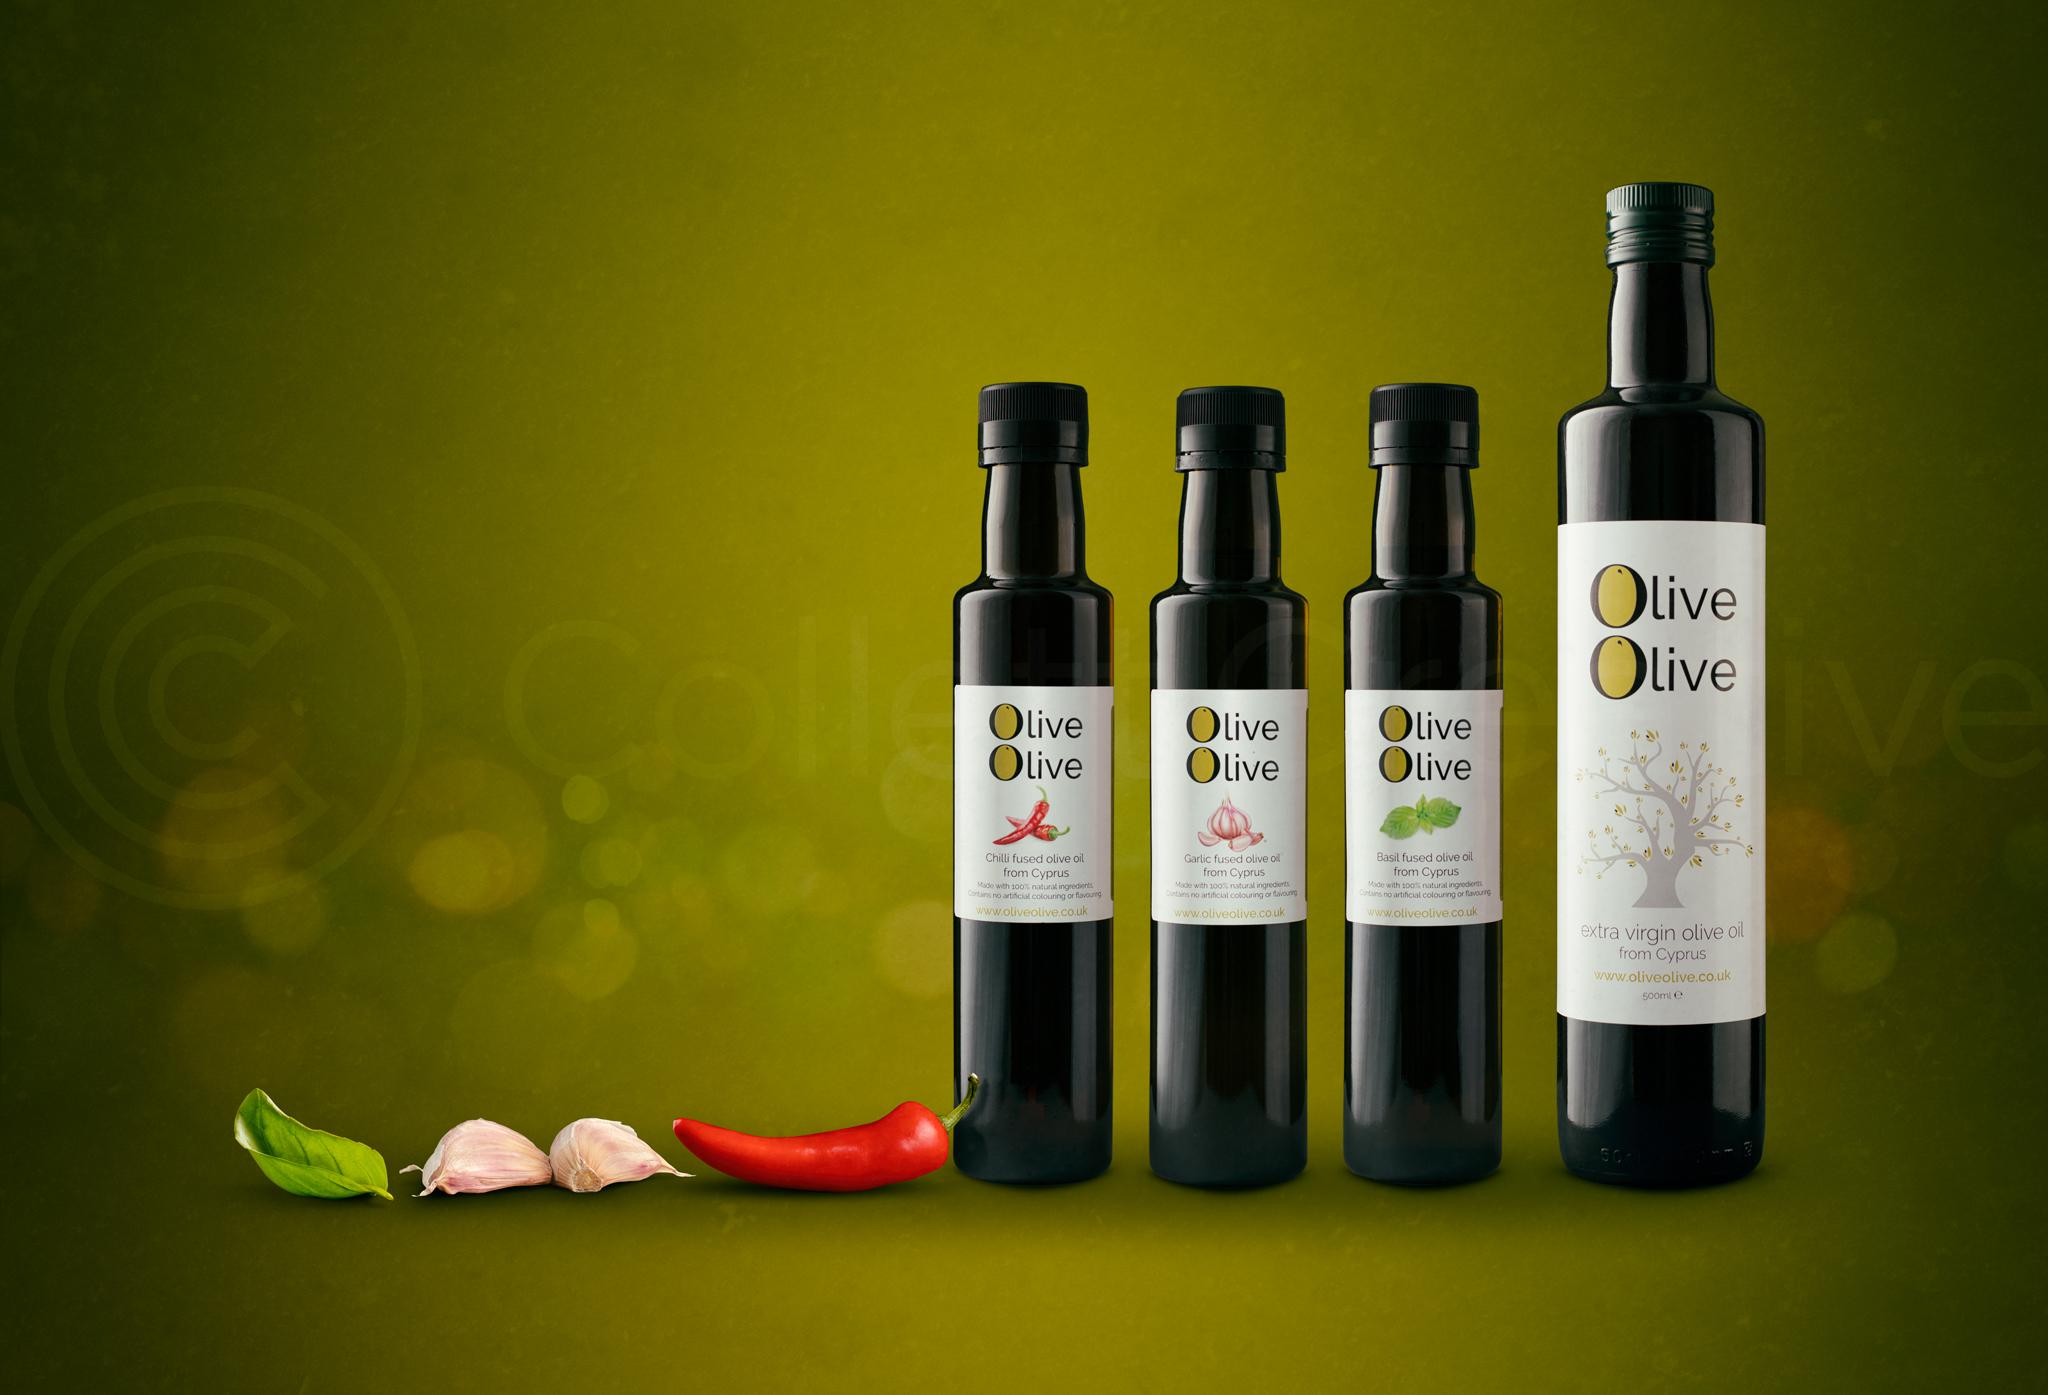 Four-Olive-Oil-Bottles-2048px-WM-4.4.jpg